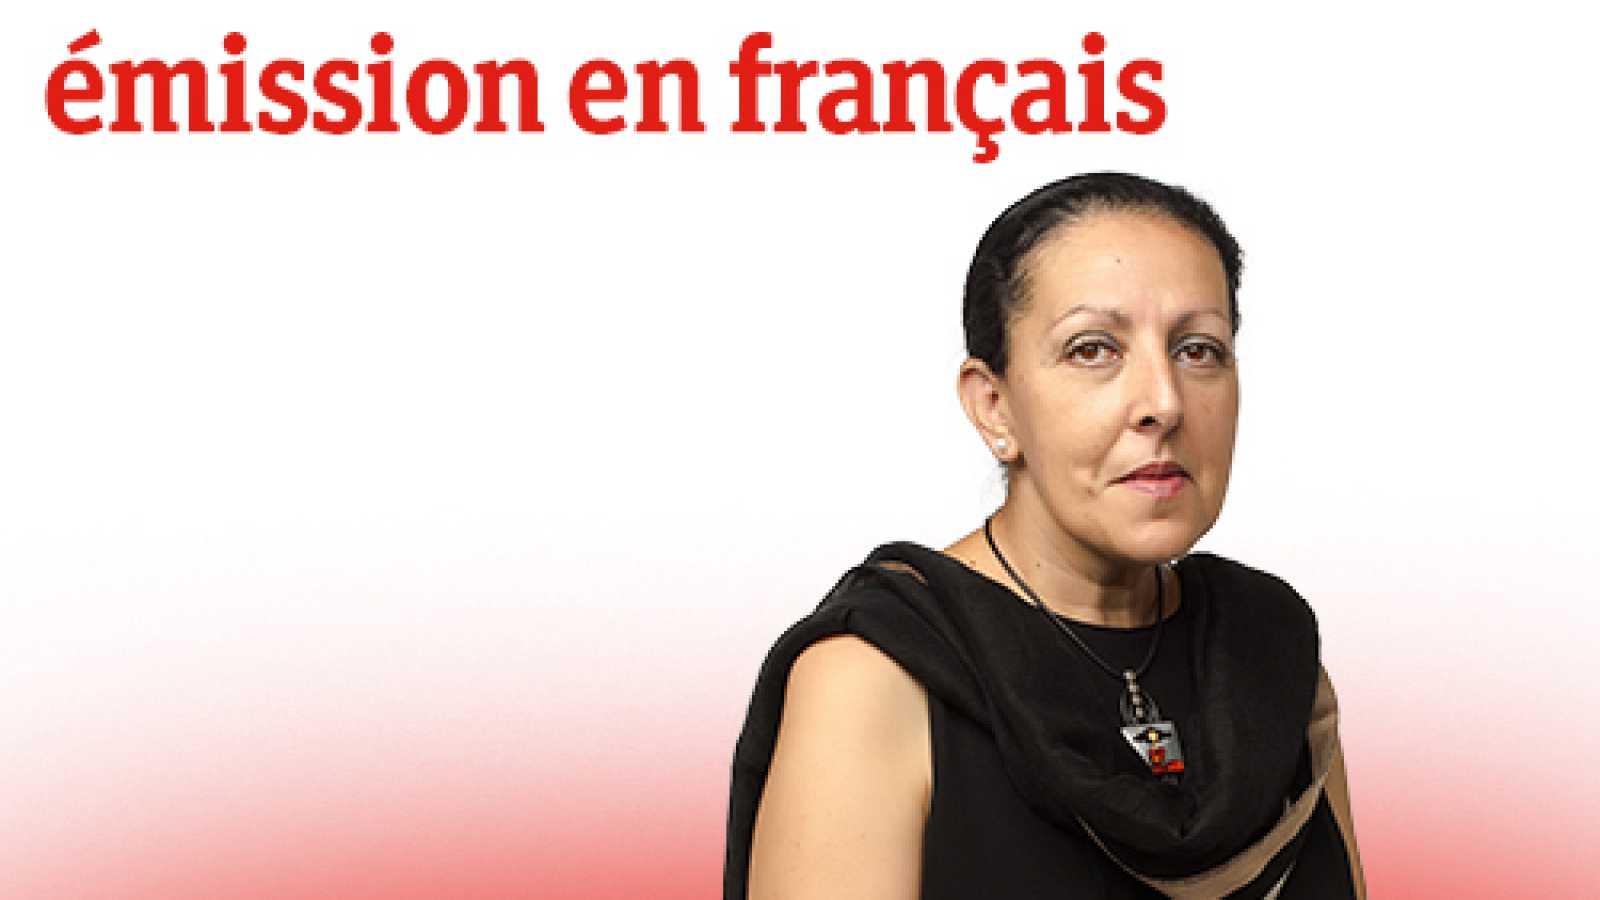 Emission en français - Larrad, passeur d'émotions - 05/11/20 - escuchar ahora